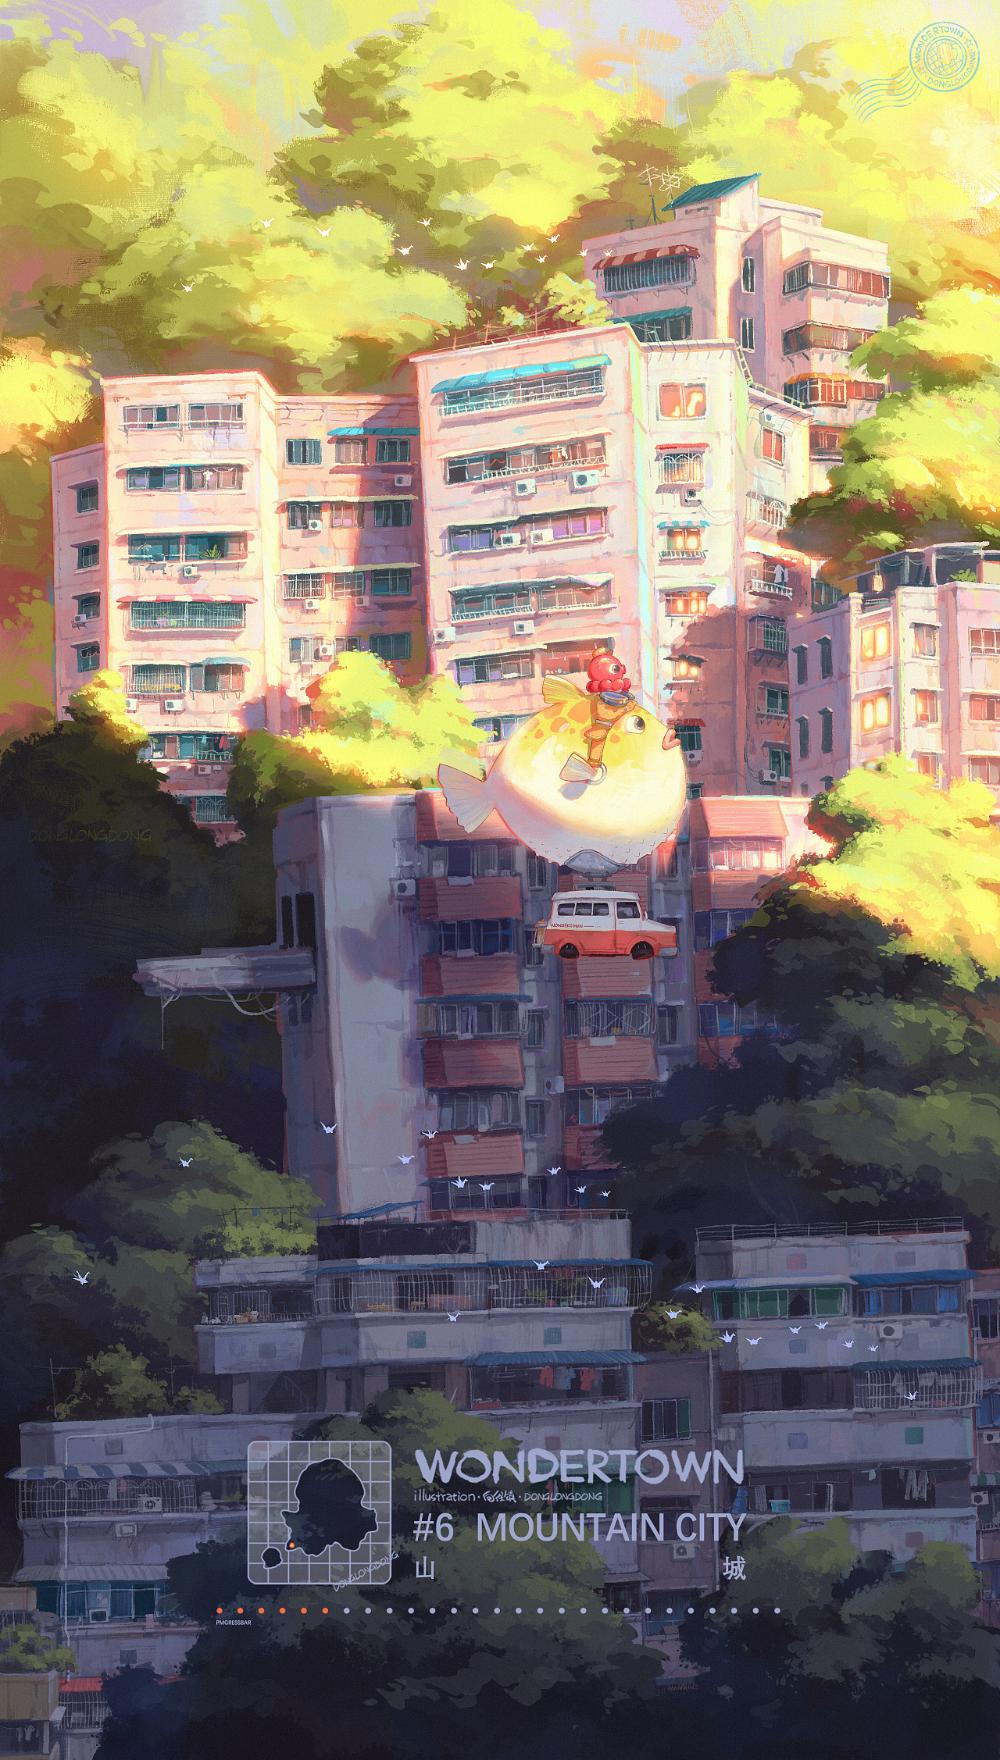 Maravillosa ciudad anhelante (siete) | Ilustración | Obra de ilustración | Donglongyu-Obra original